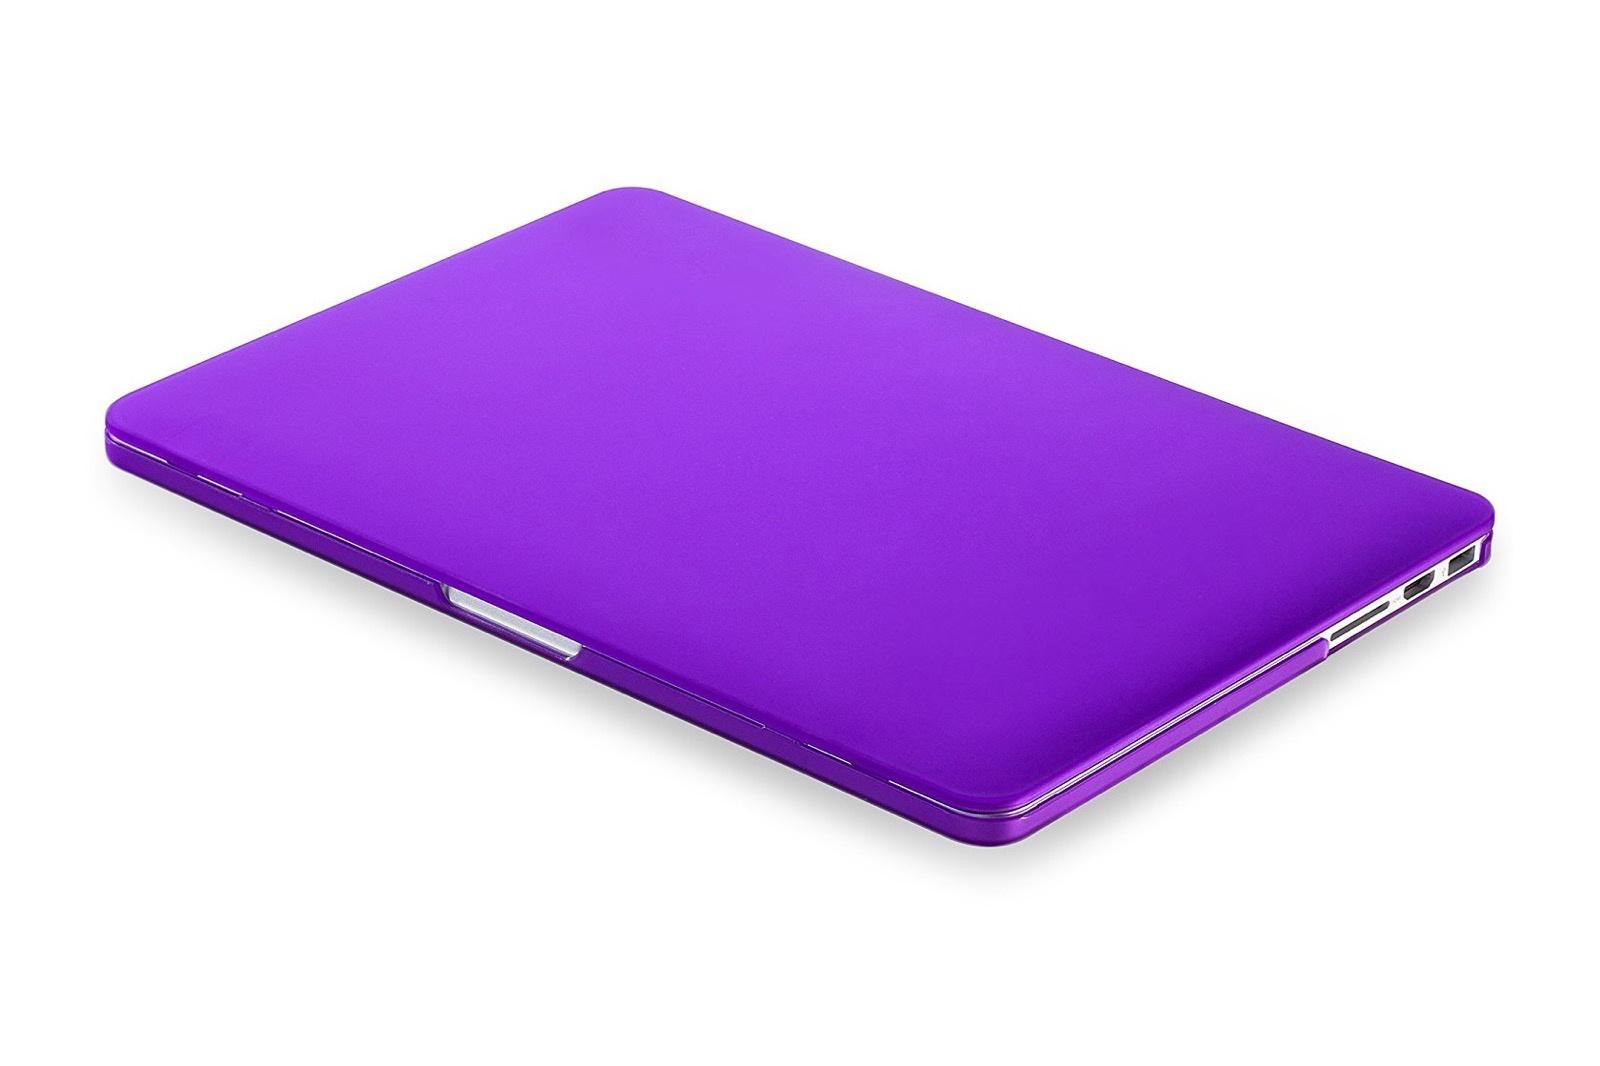 Чехол для ноутбука Gurdini накладка пластик матовый 220108 для Apple MacBook Retina 13